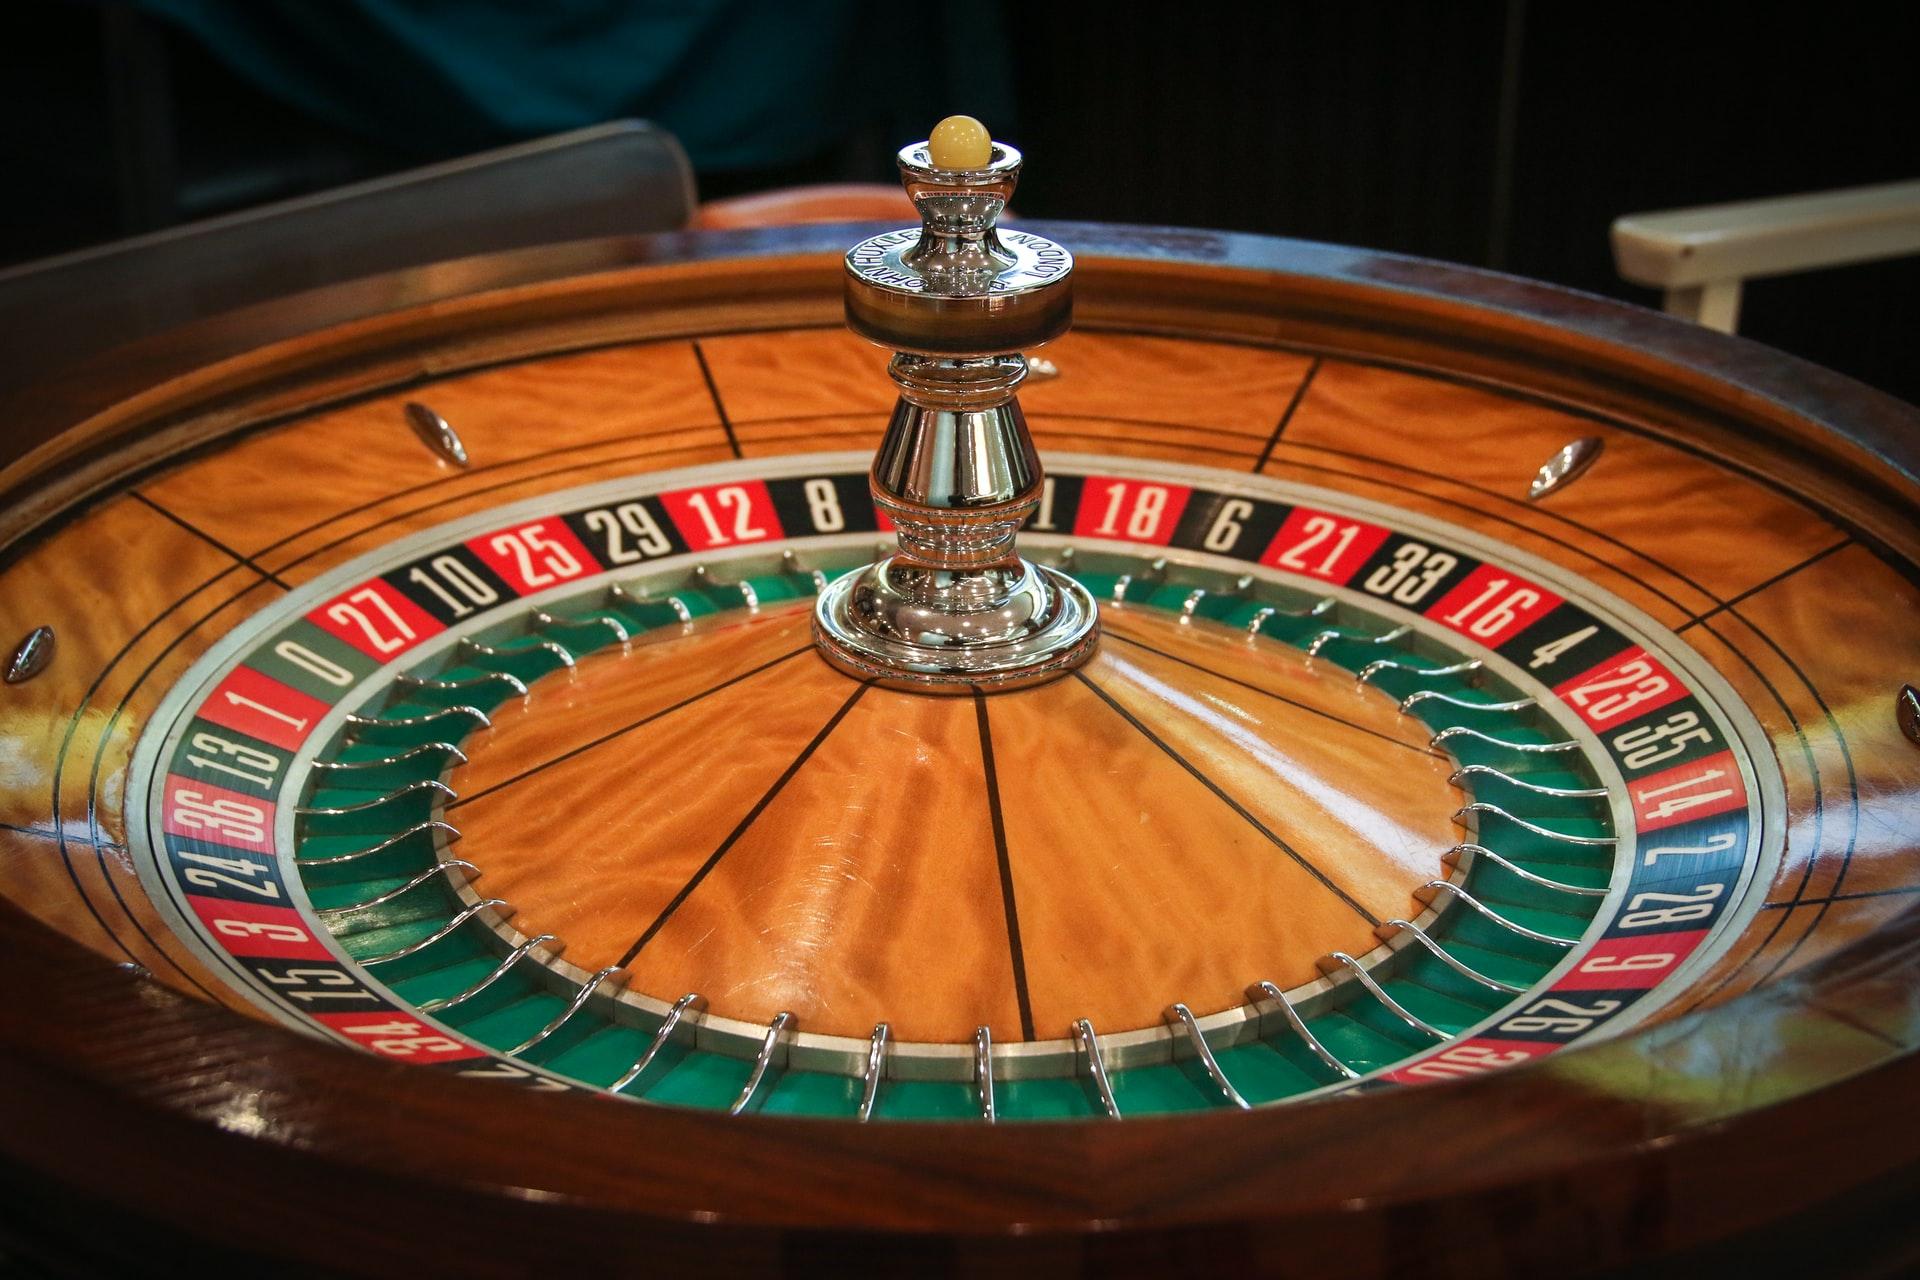 カジノに勝てるか?モンテカルロ・シミュレーションをPythonで実装する。